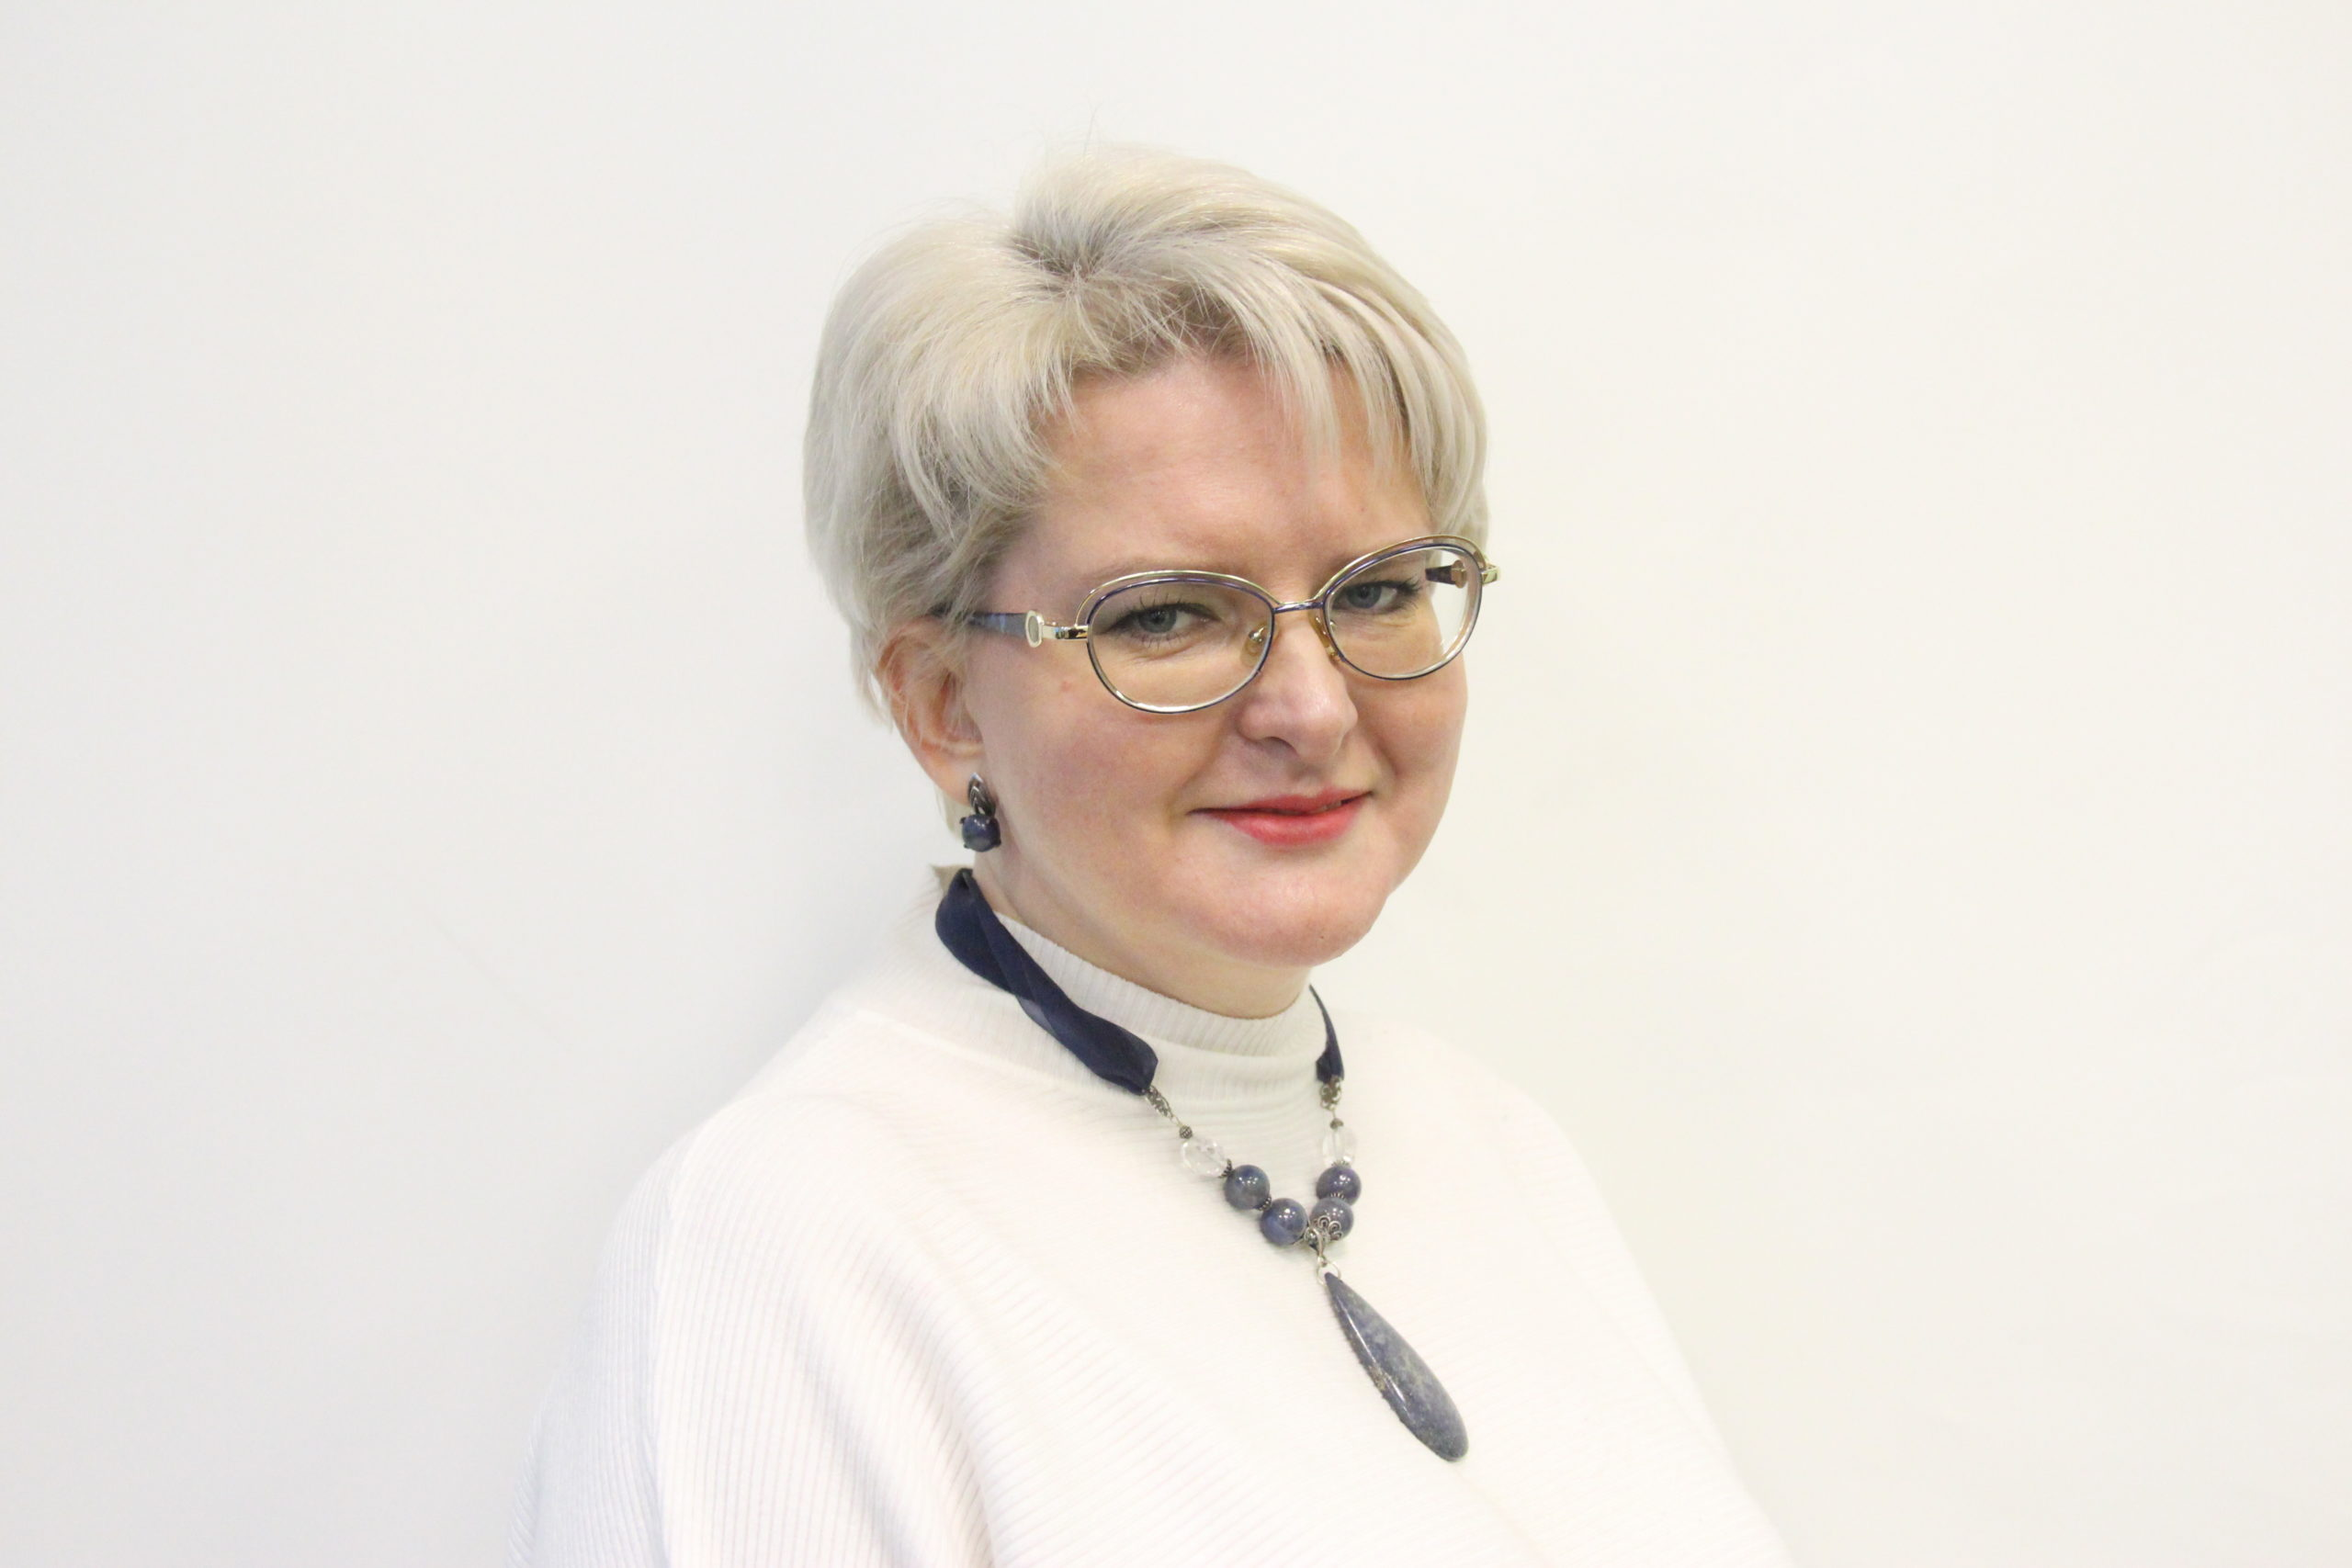 Григоренко Наталья Юрьевна